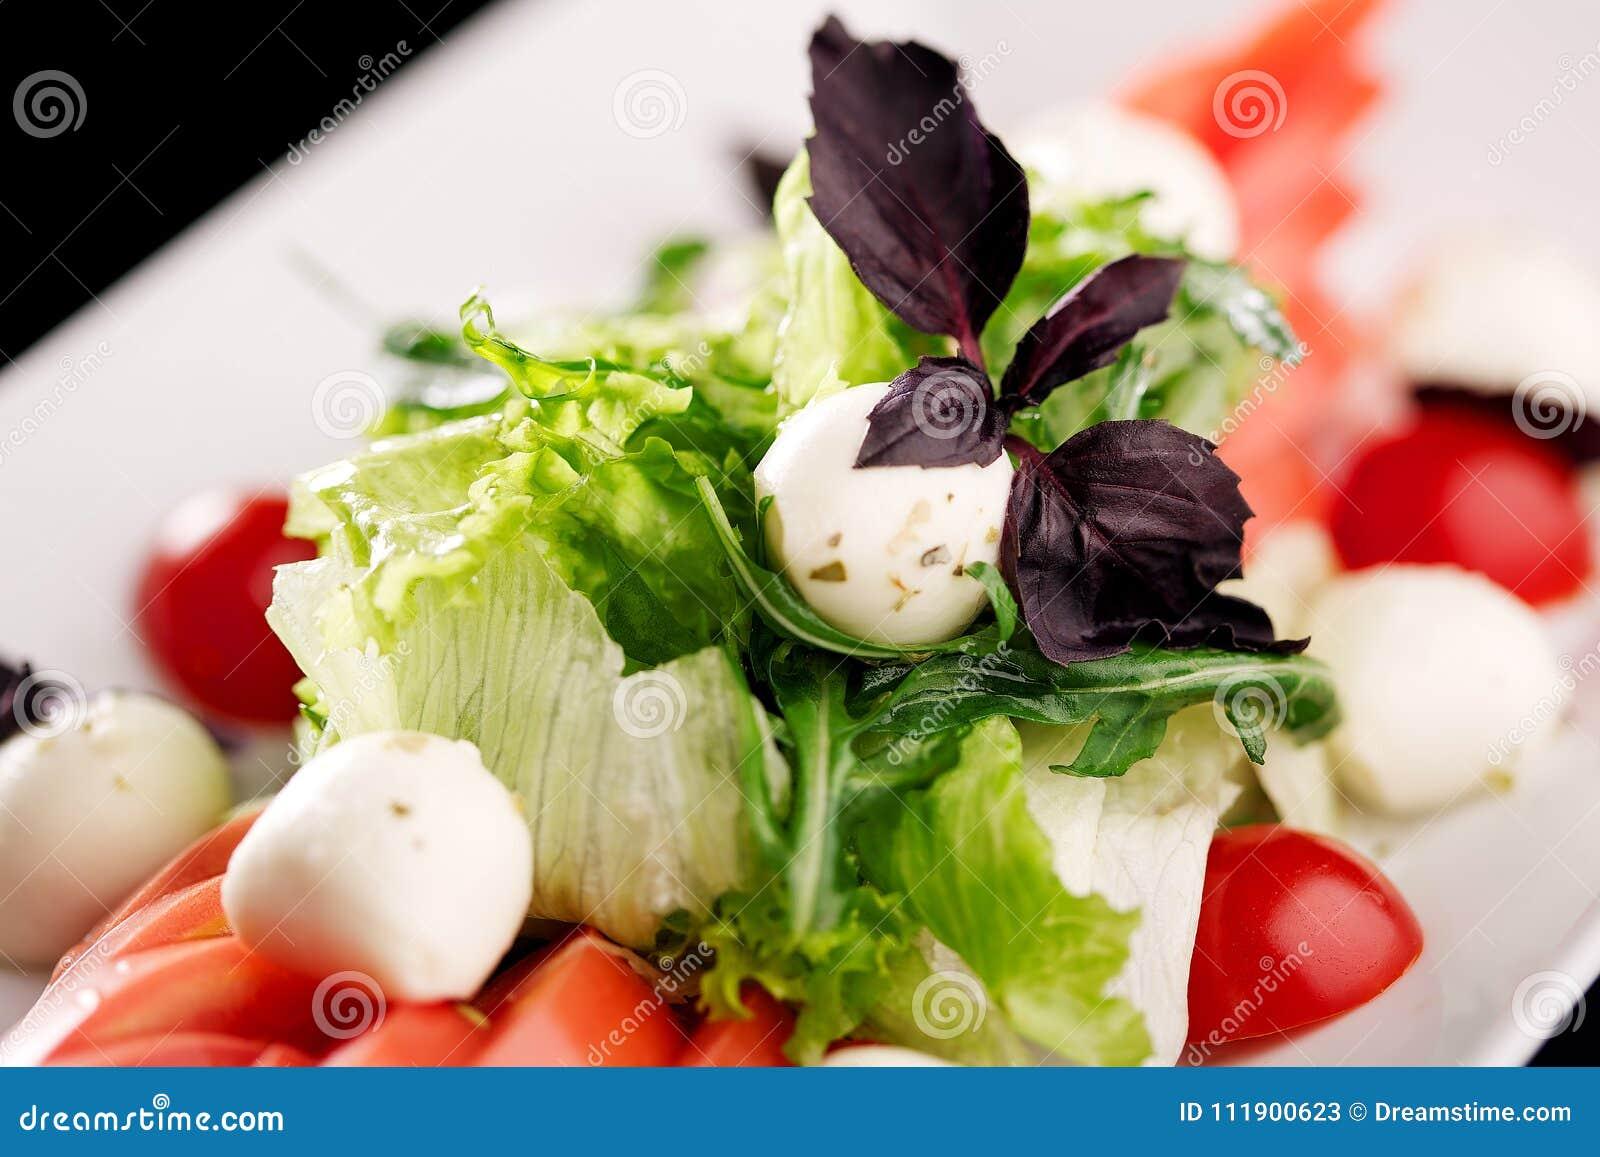 Servisca la miscela di insalata con i pomodori e la mozzarella